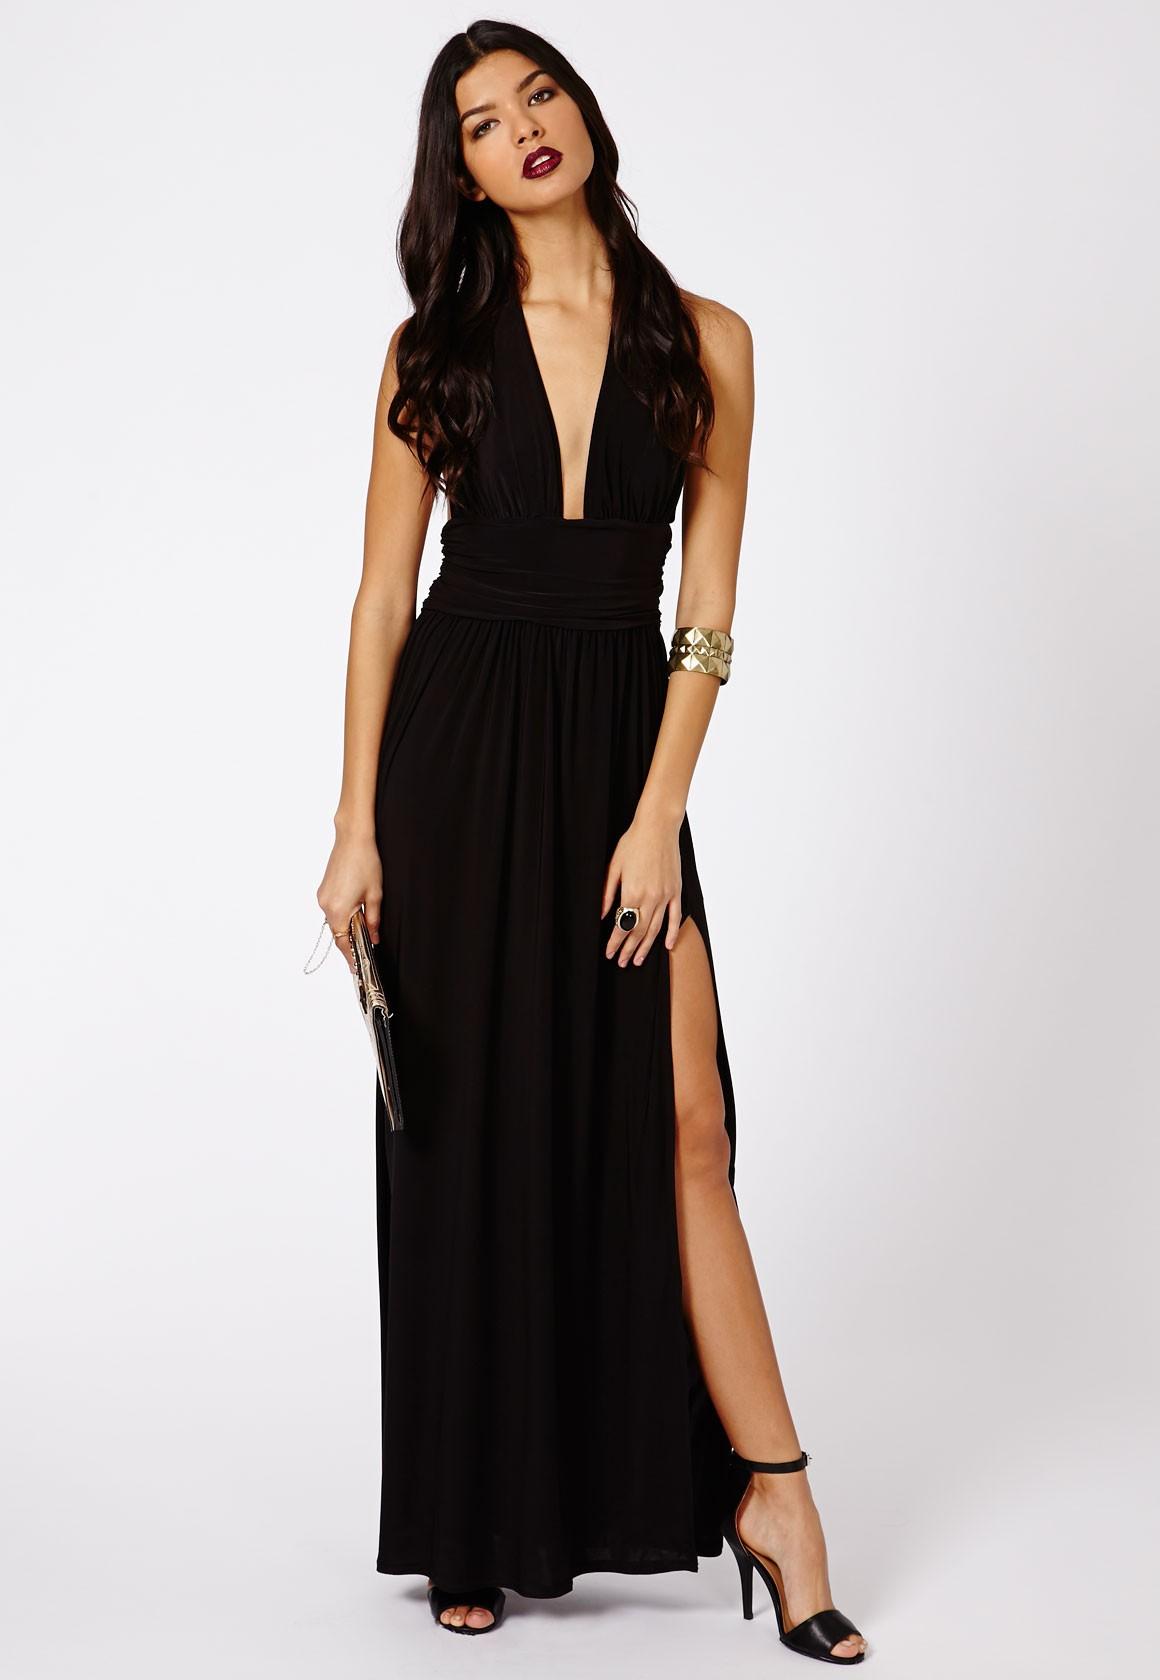 La robe longue pour une soirée